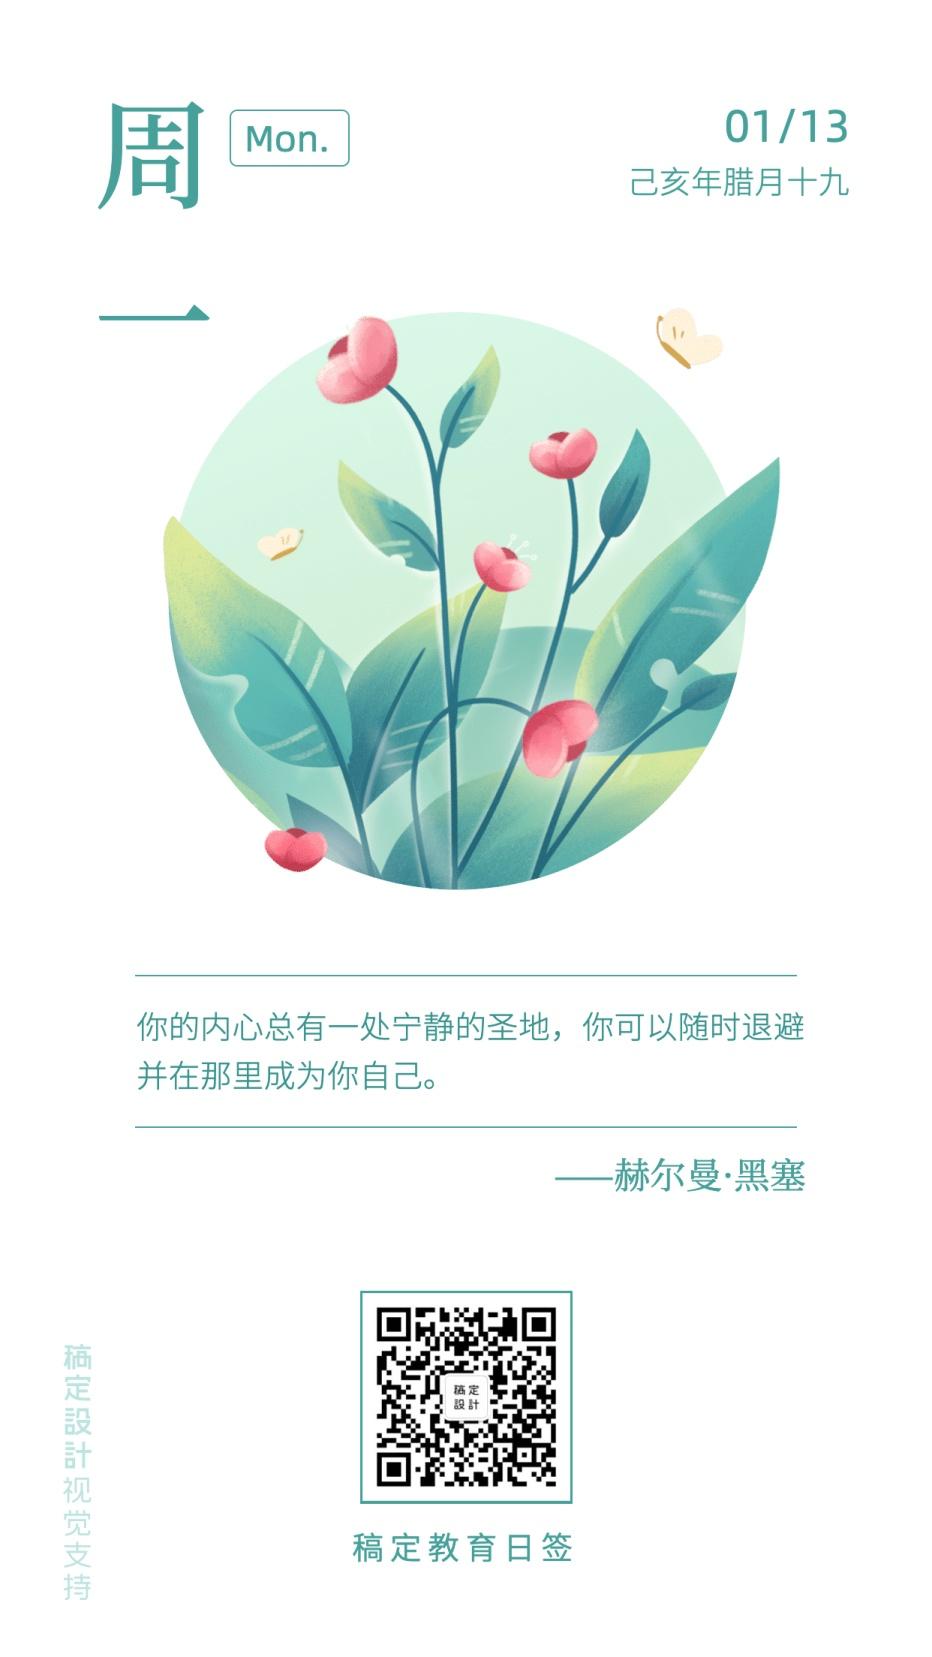 幸福/简约文艺清晰/日签海报